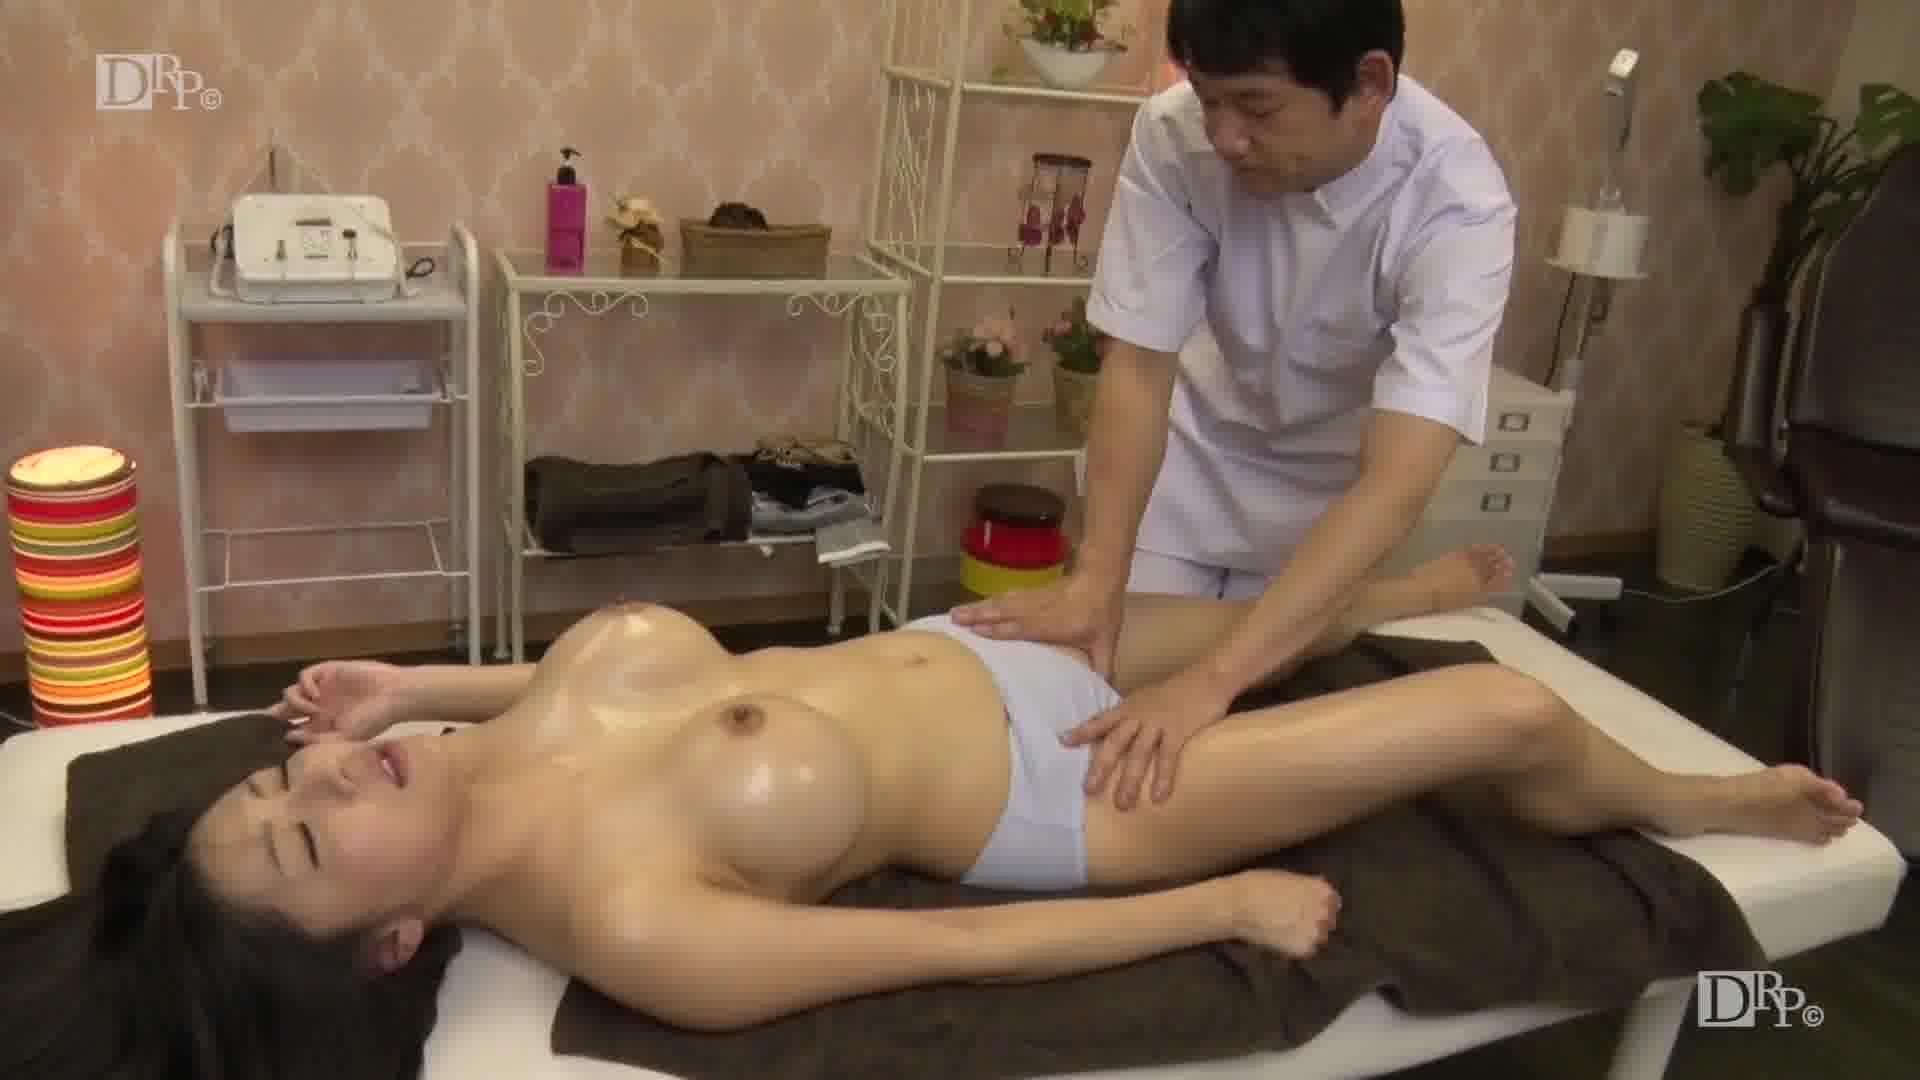 極上セレブ婦人 Vol.14 - 仲間あずみ【巨乳・バイブ・中出し】